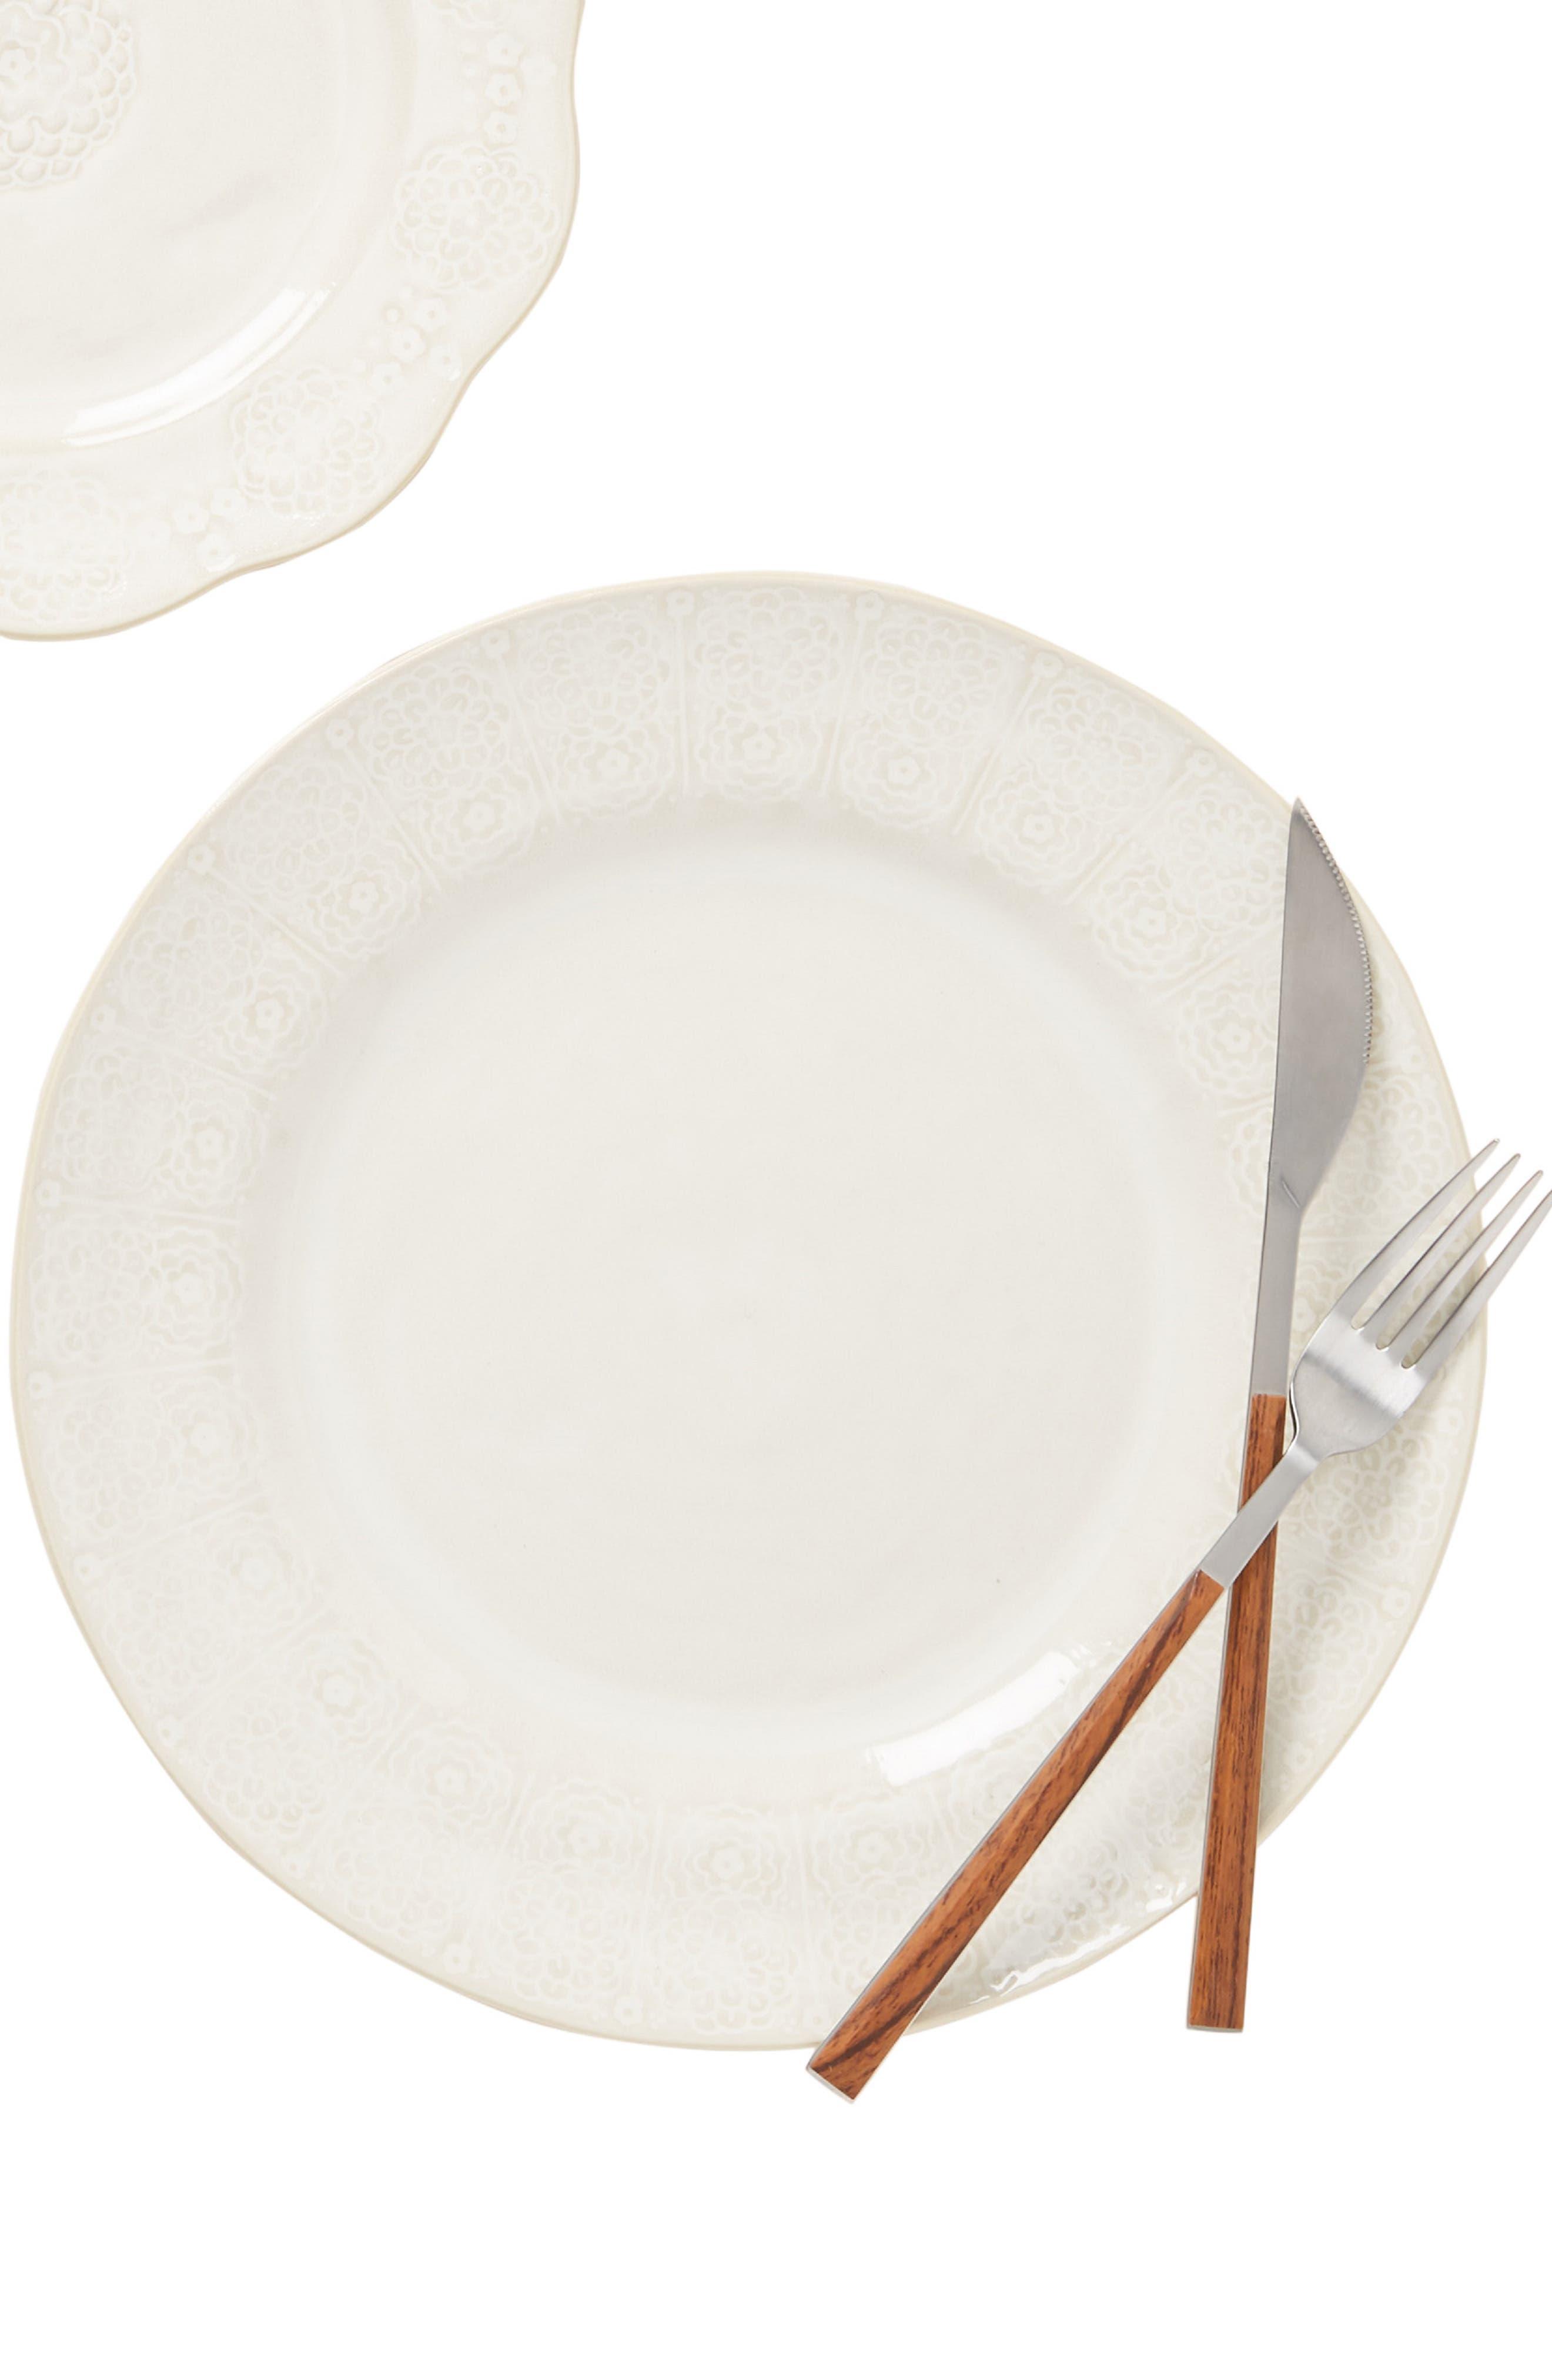 ANTHROPOLOGIE,                             Veru Dinner Plate,                             Alternate thumbnail 5, color,                             WHITE